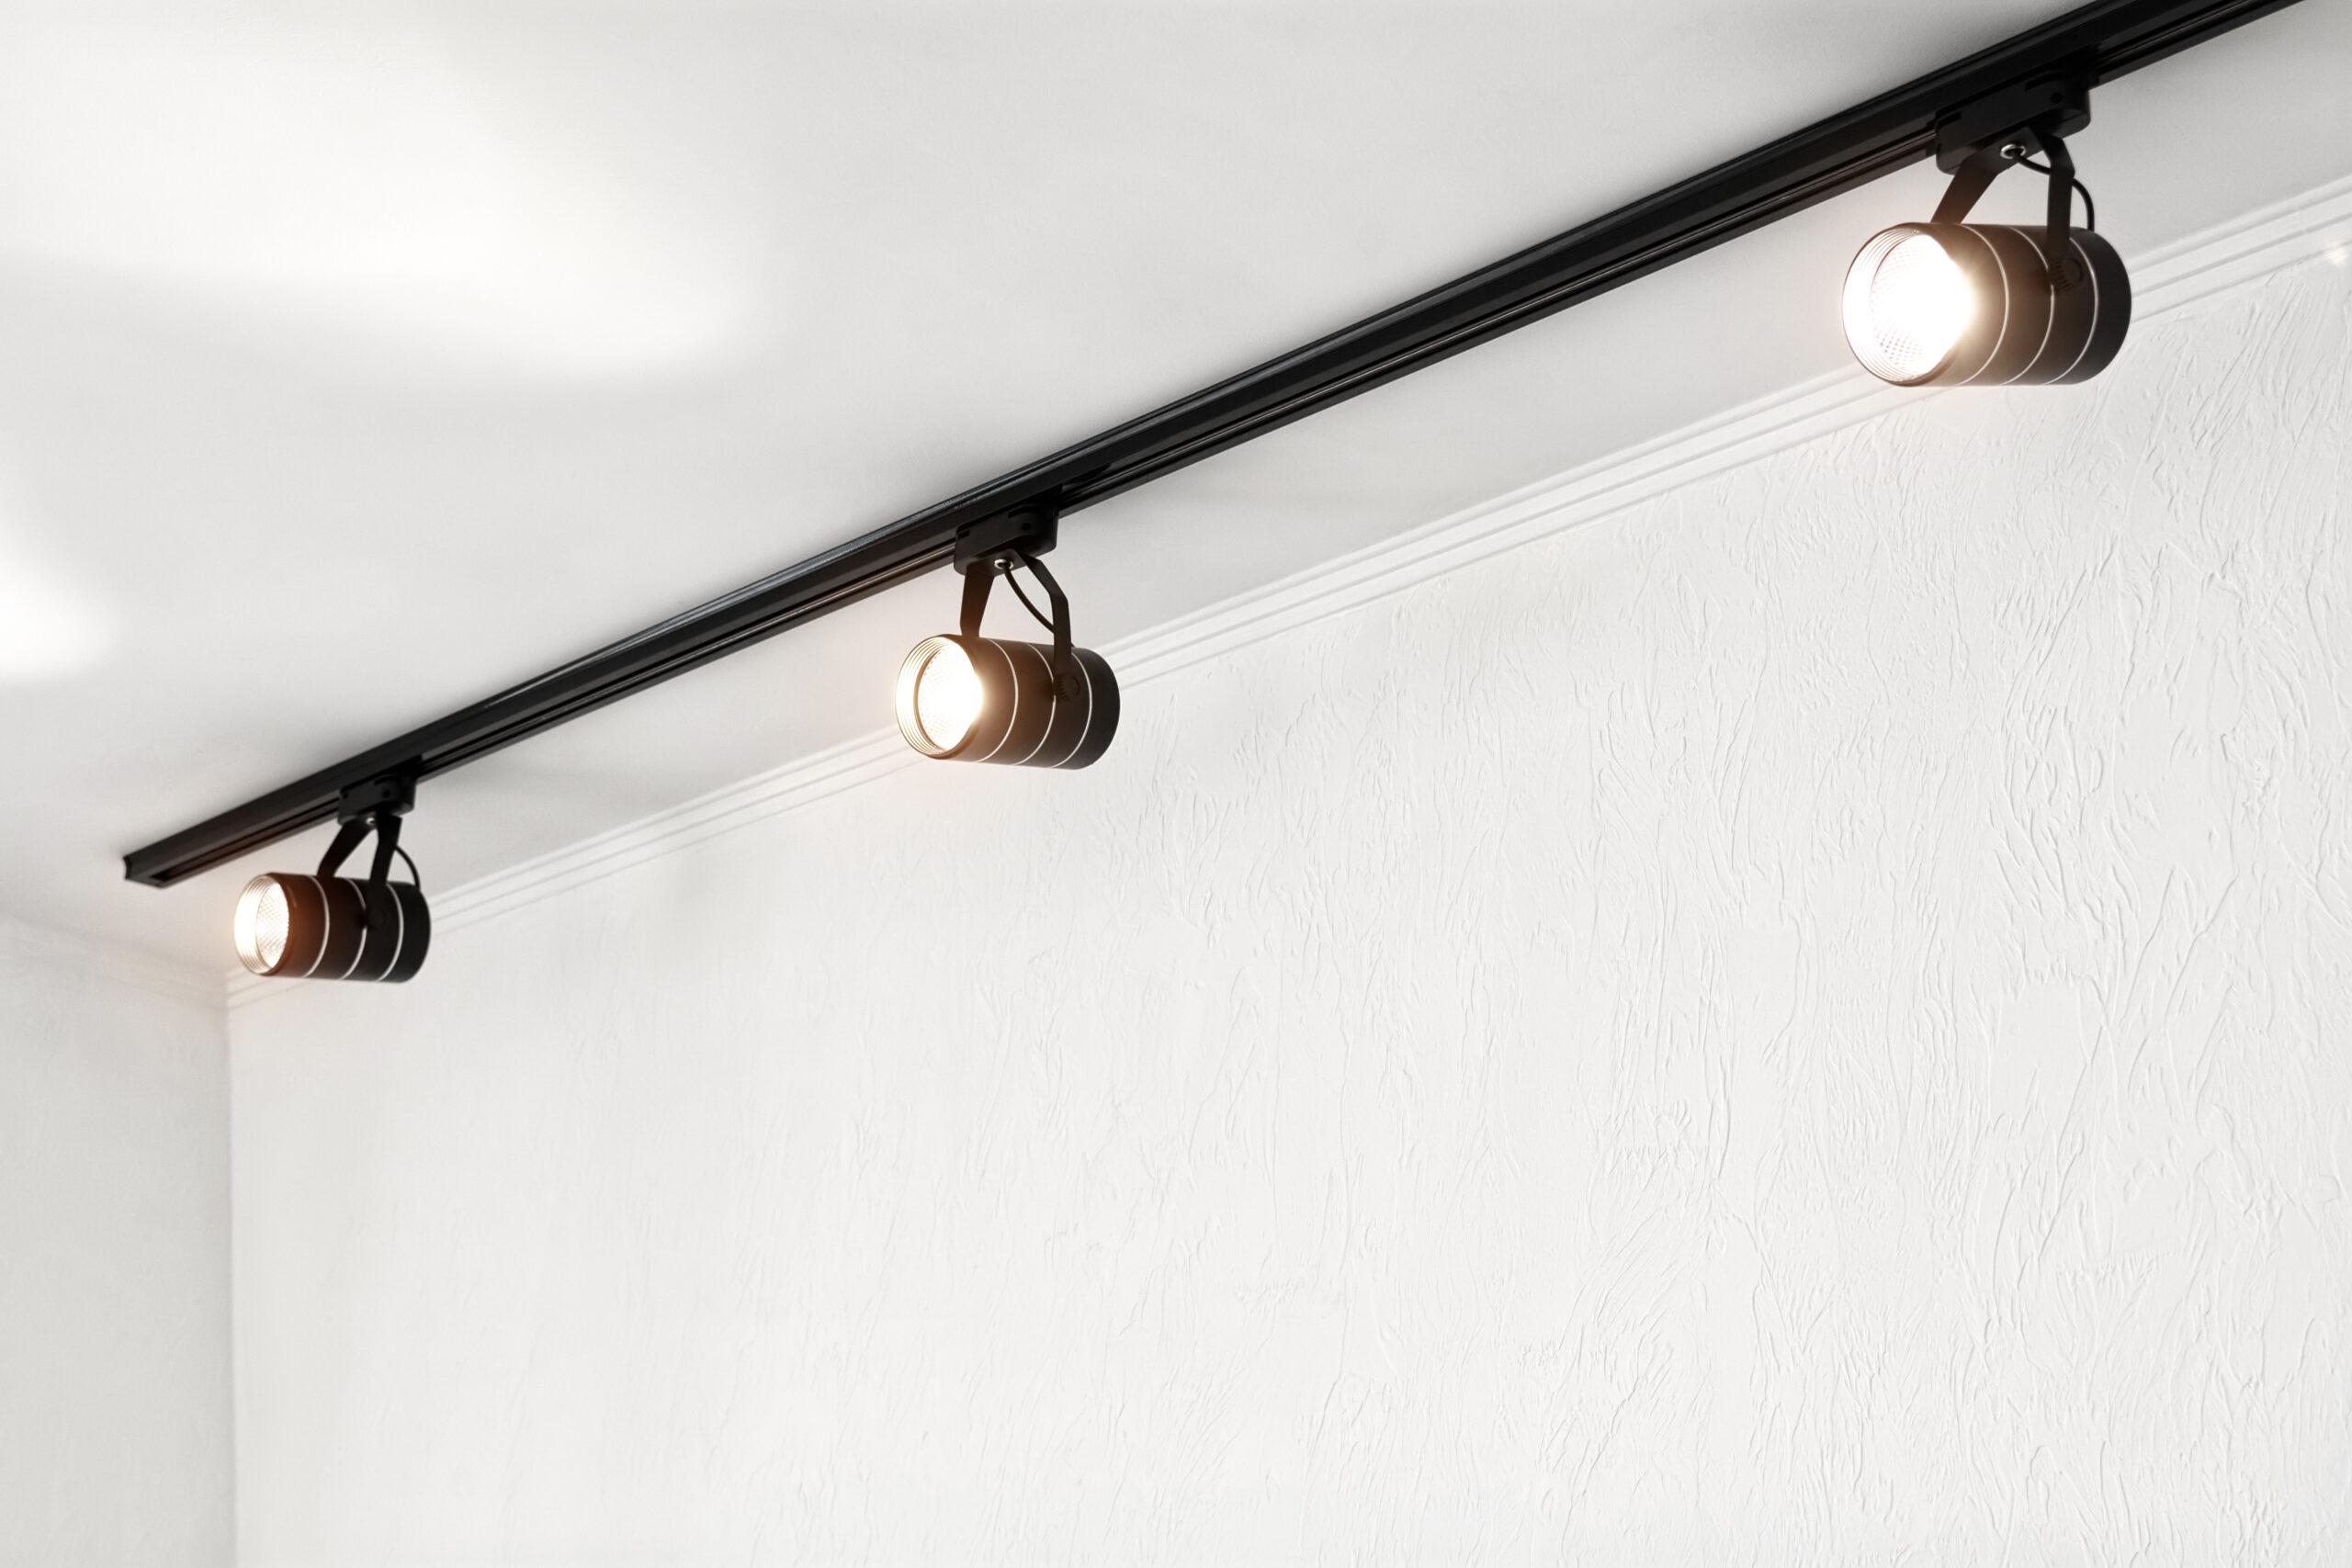 インテリア照明  ゆるみ箇所:スポットライト可動部